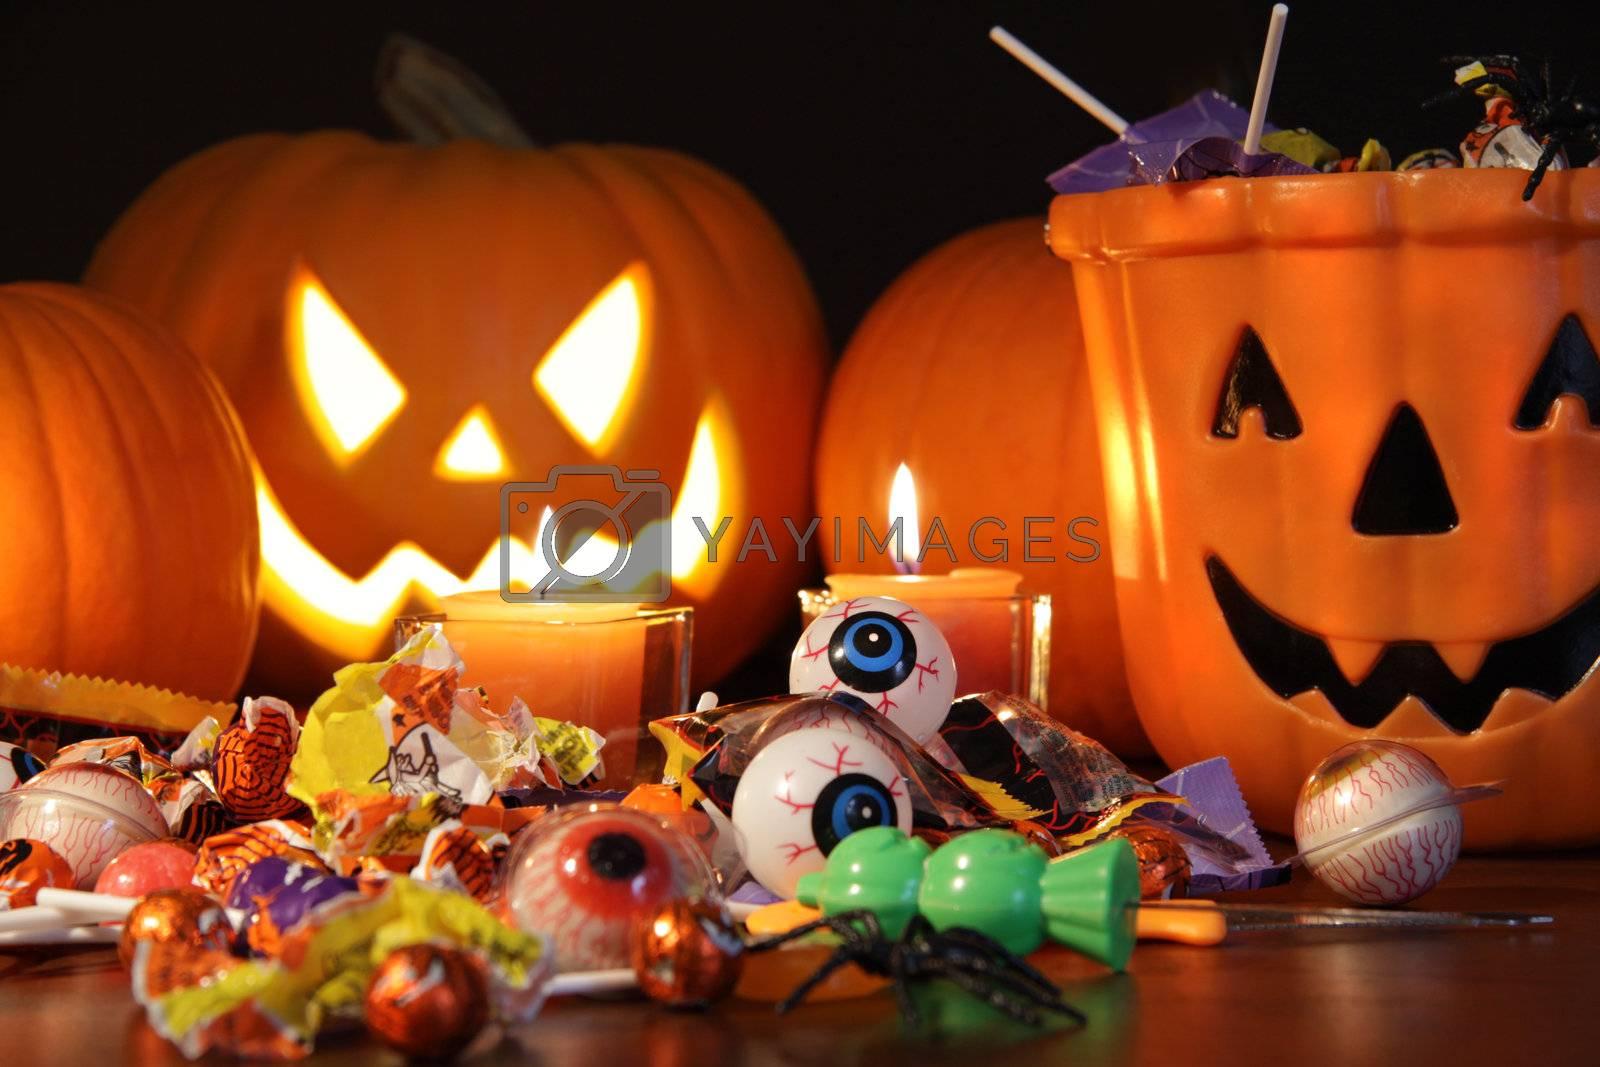 Closeup of candies with pumpkins after Halloween festivities